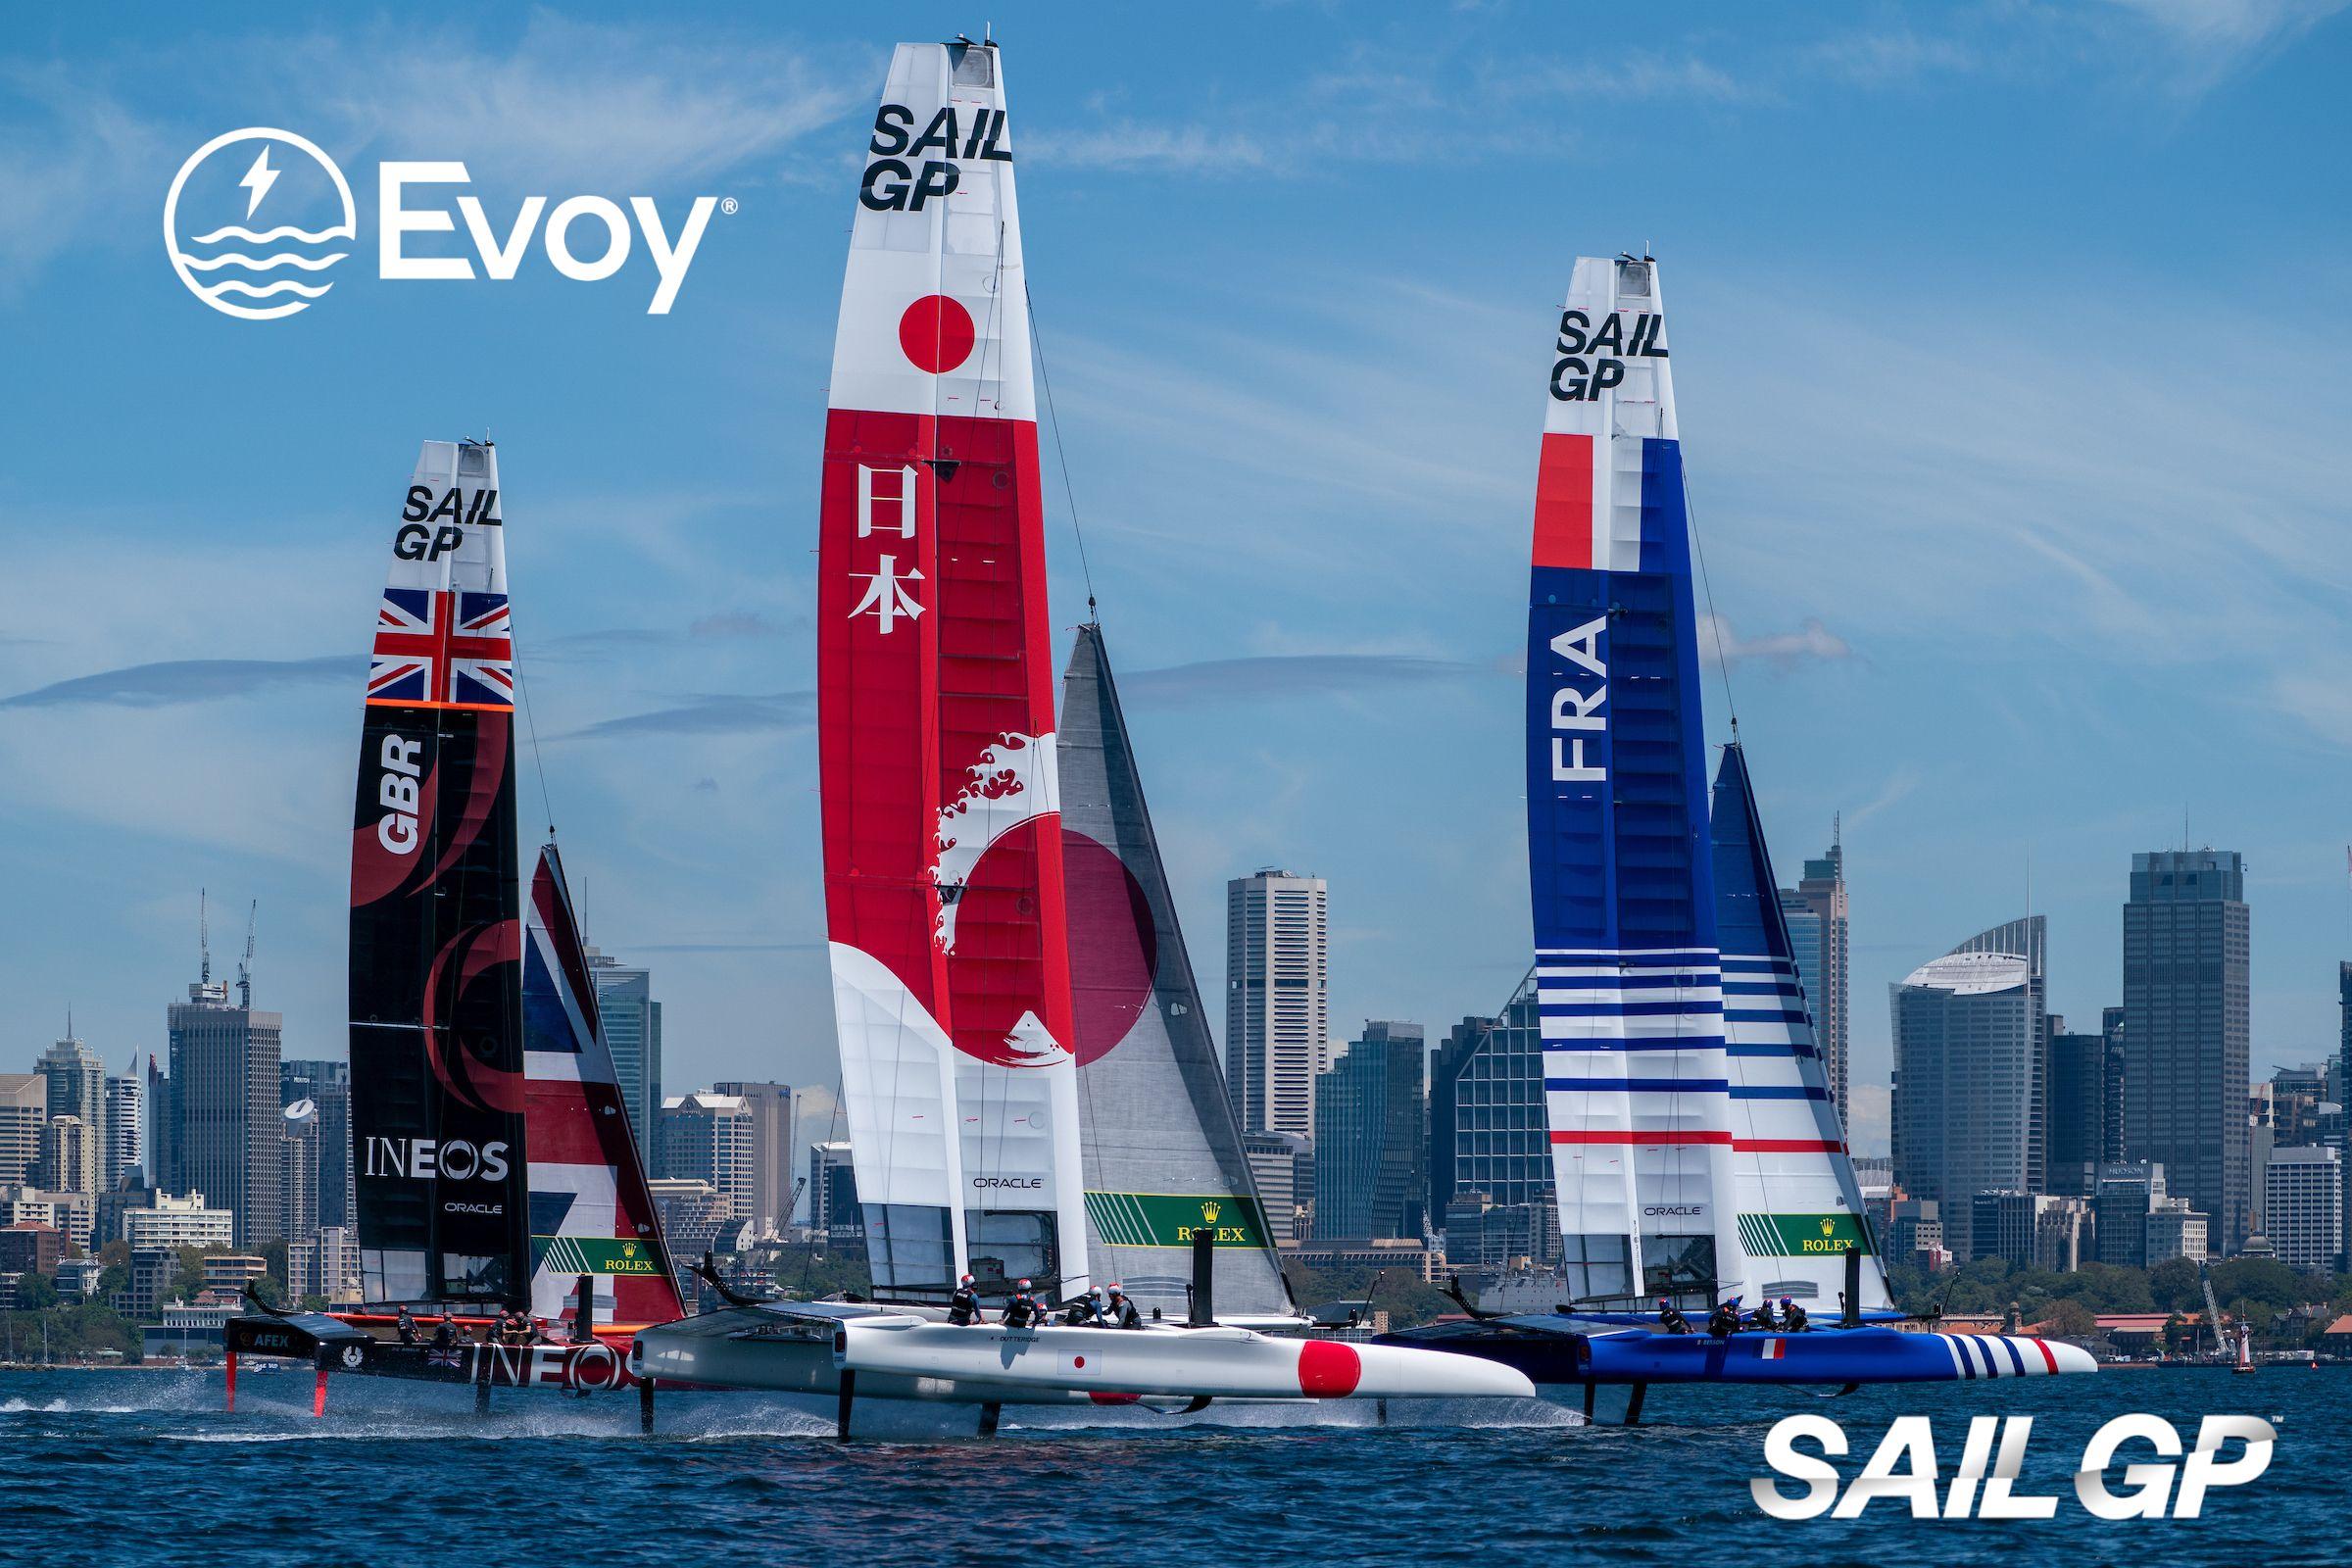 Image of SailGP Racing boats